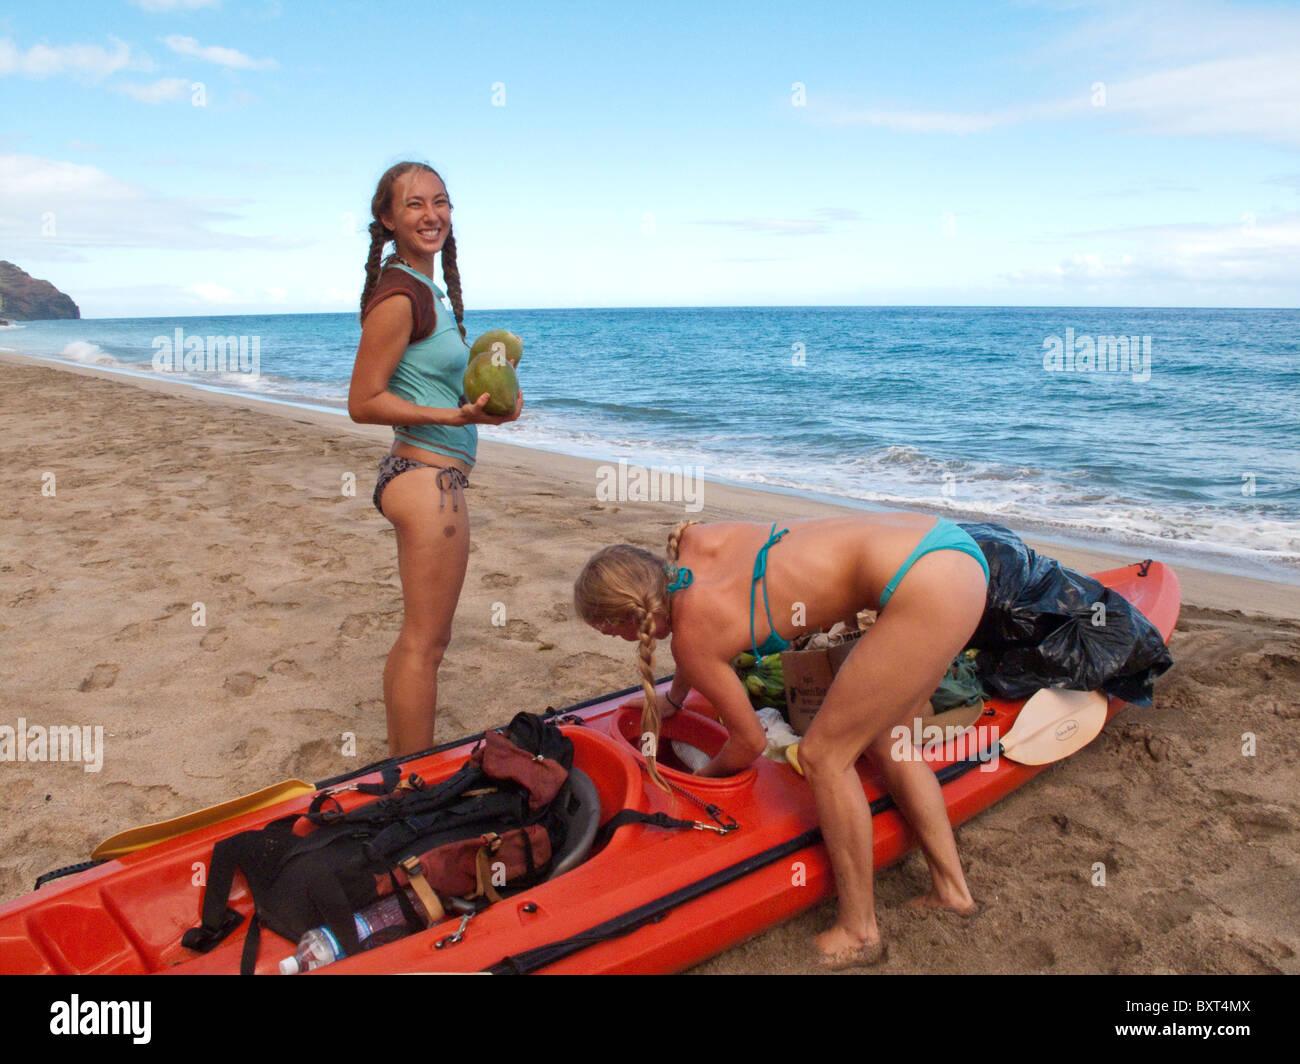 Después de kayak desde Haena, dos mujeres jóvenes preparándose para comer cocos en Kalalau beach a lo largo de la costa de Na Pali, Kauai Foto de stock